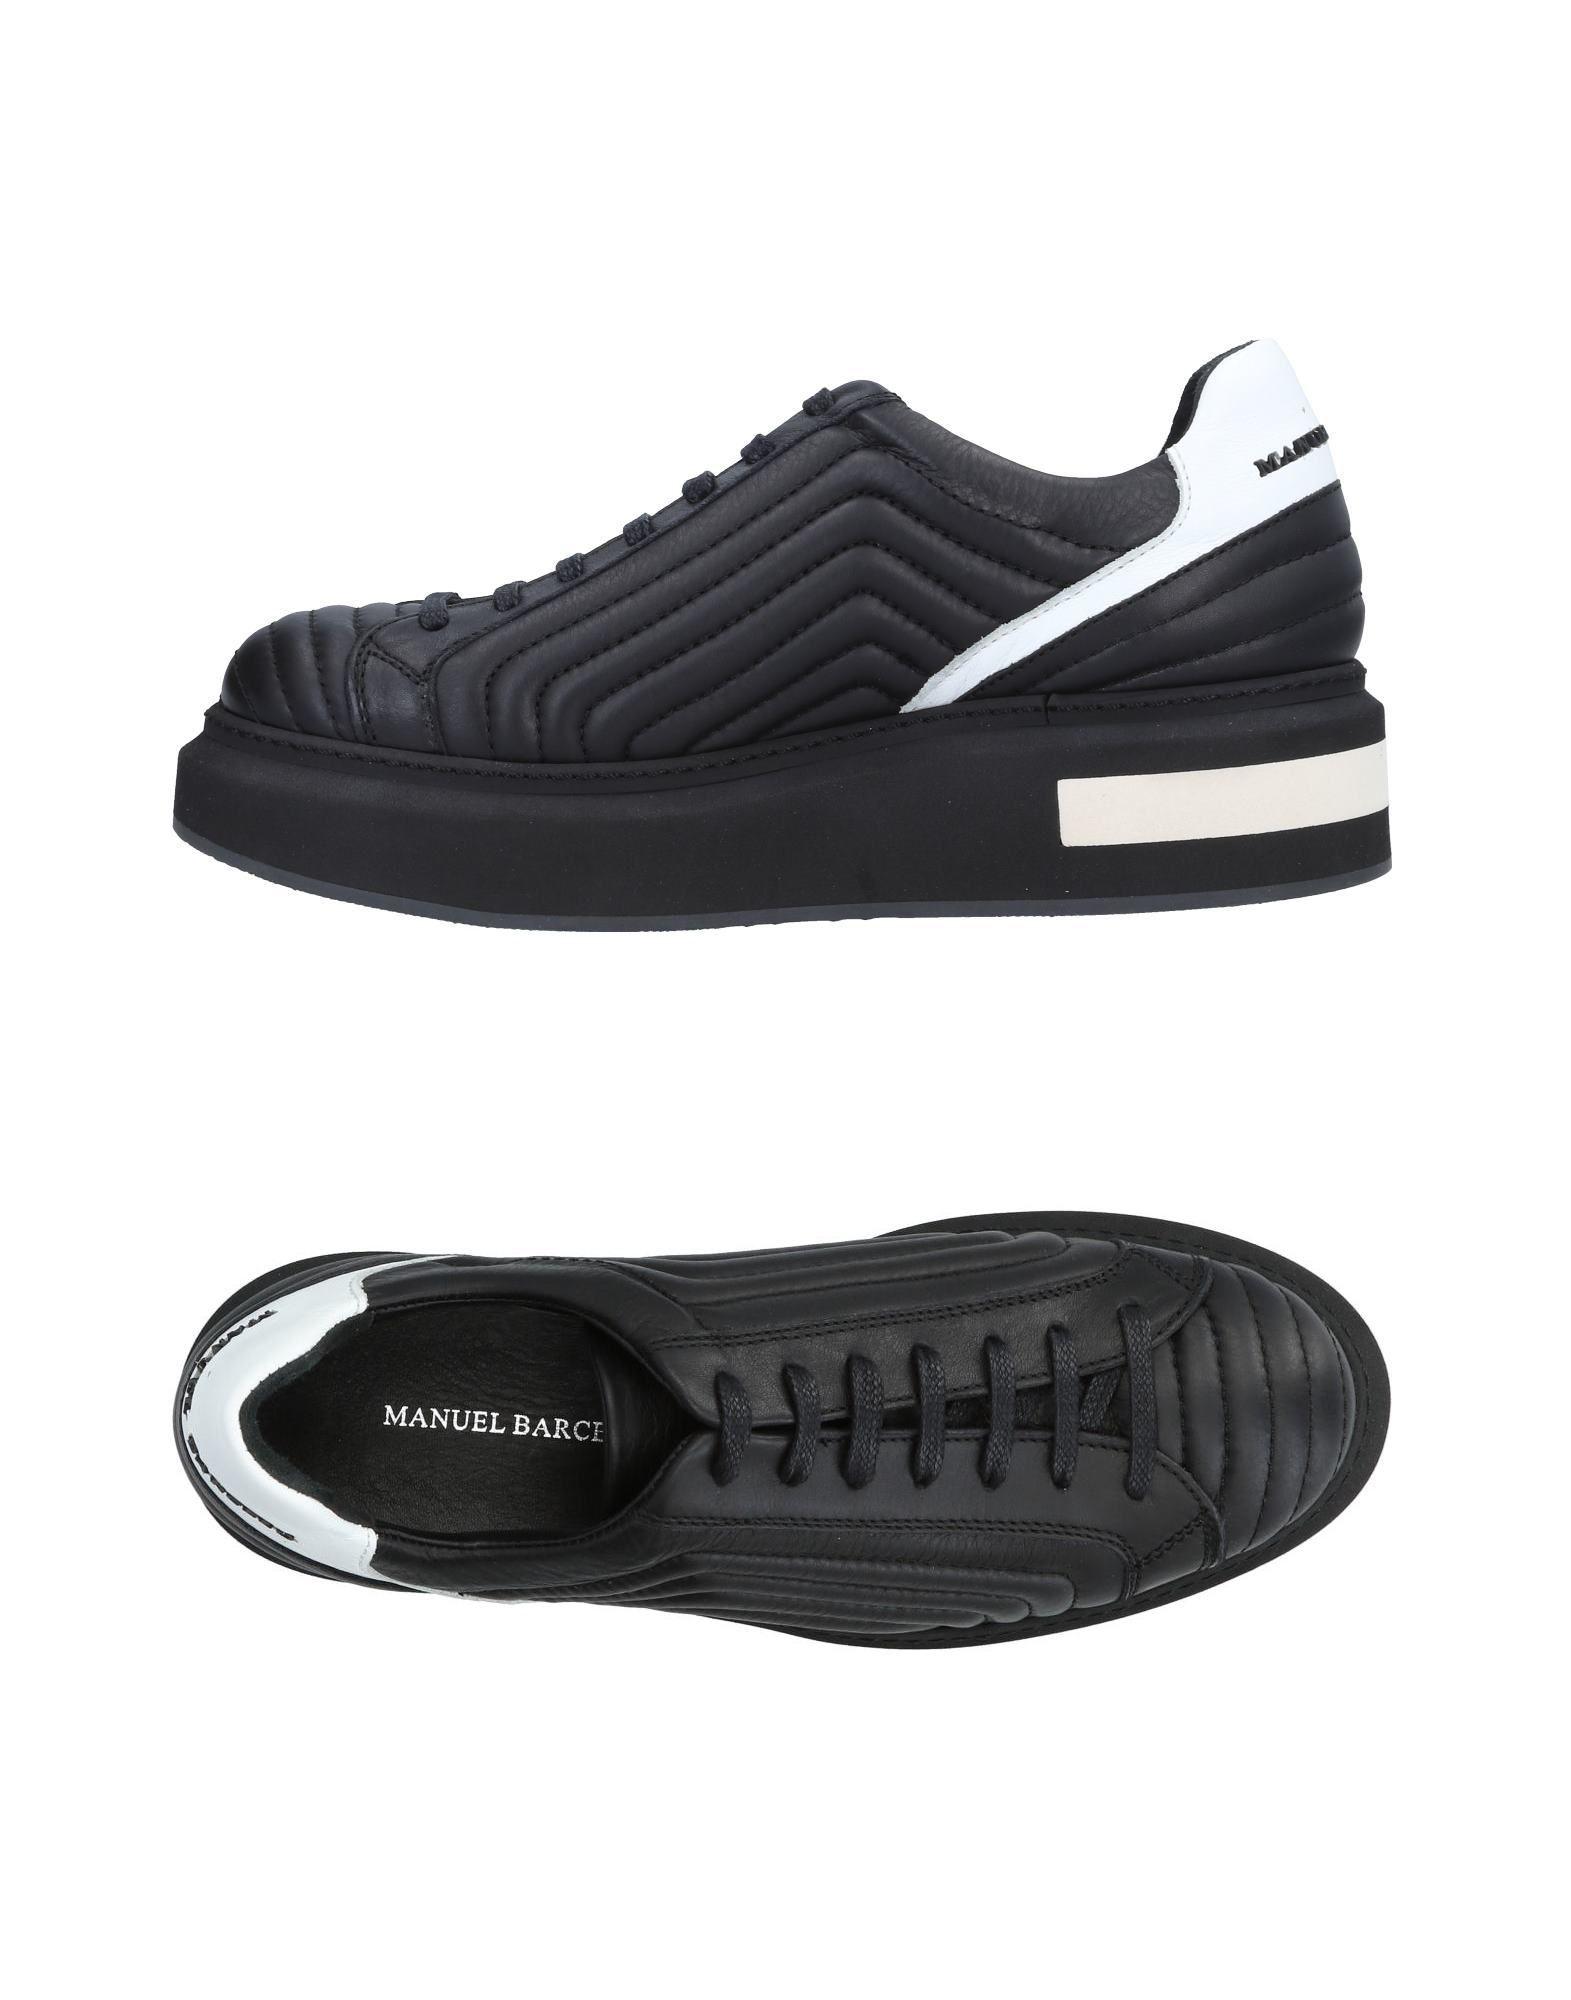 Manuel Barceló Sneakers Damen beliebte  11496281UP Gute Qualität beliebte Damen Schuhe e24000